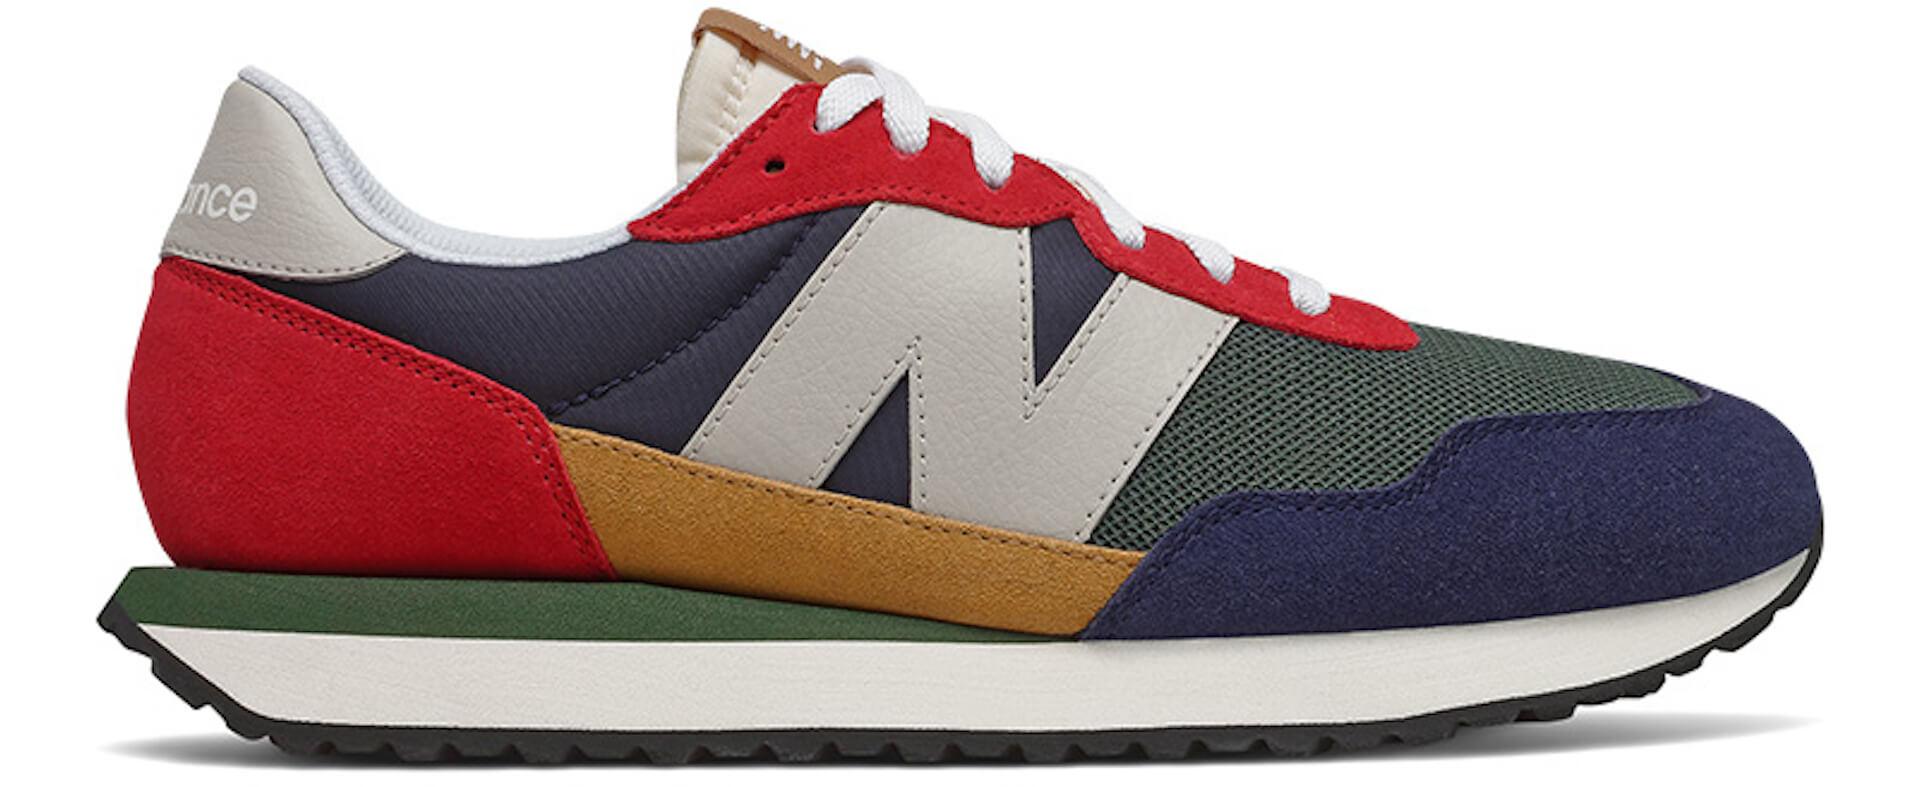 ニューバランスから80年代のスタイルをモダンデザインで再構築したニューモデル「237」が登場!レトロな2カラーで展開 fashion210203_newbalance_237_8